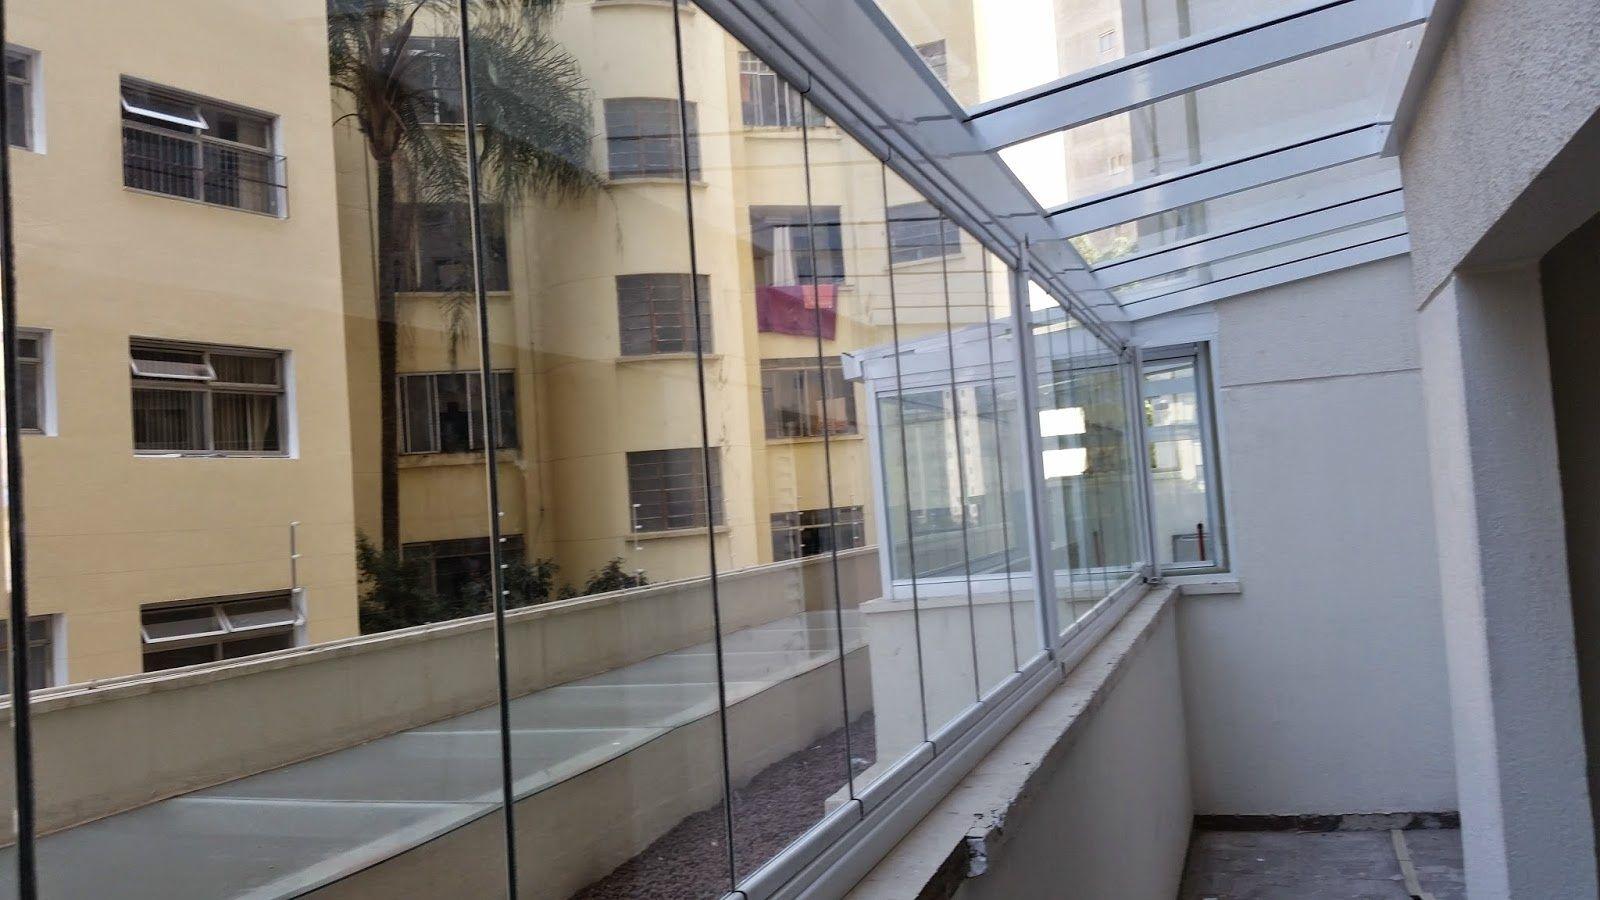 #7D6B4E orçamento de projetos de Melhor preço para fechar varandas com vidro  252 Janelas De Vidro Preço Guarulhos